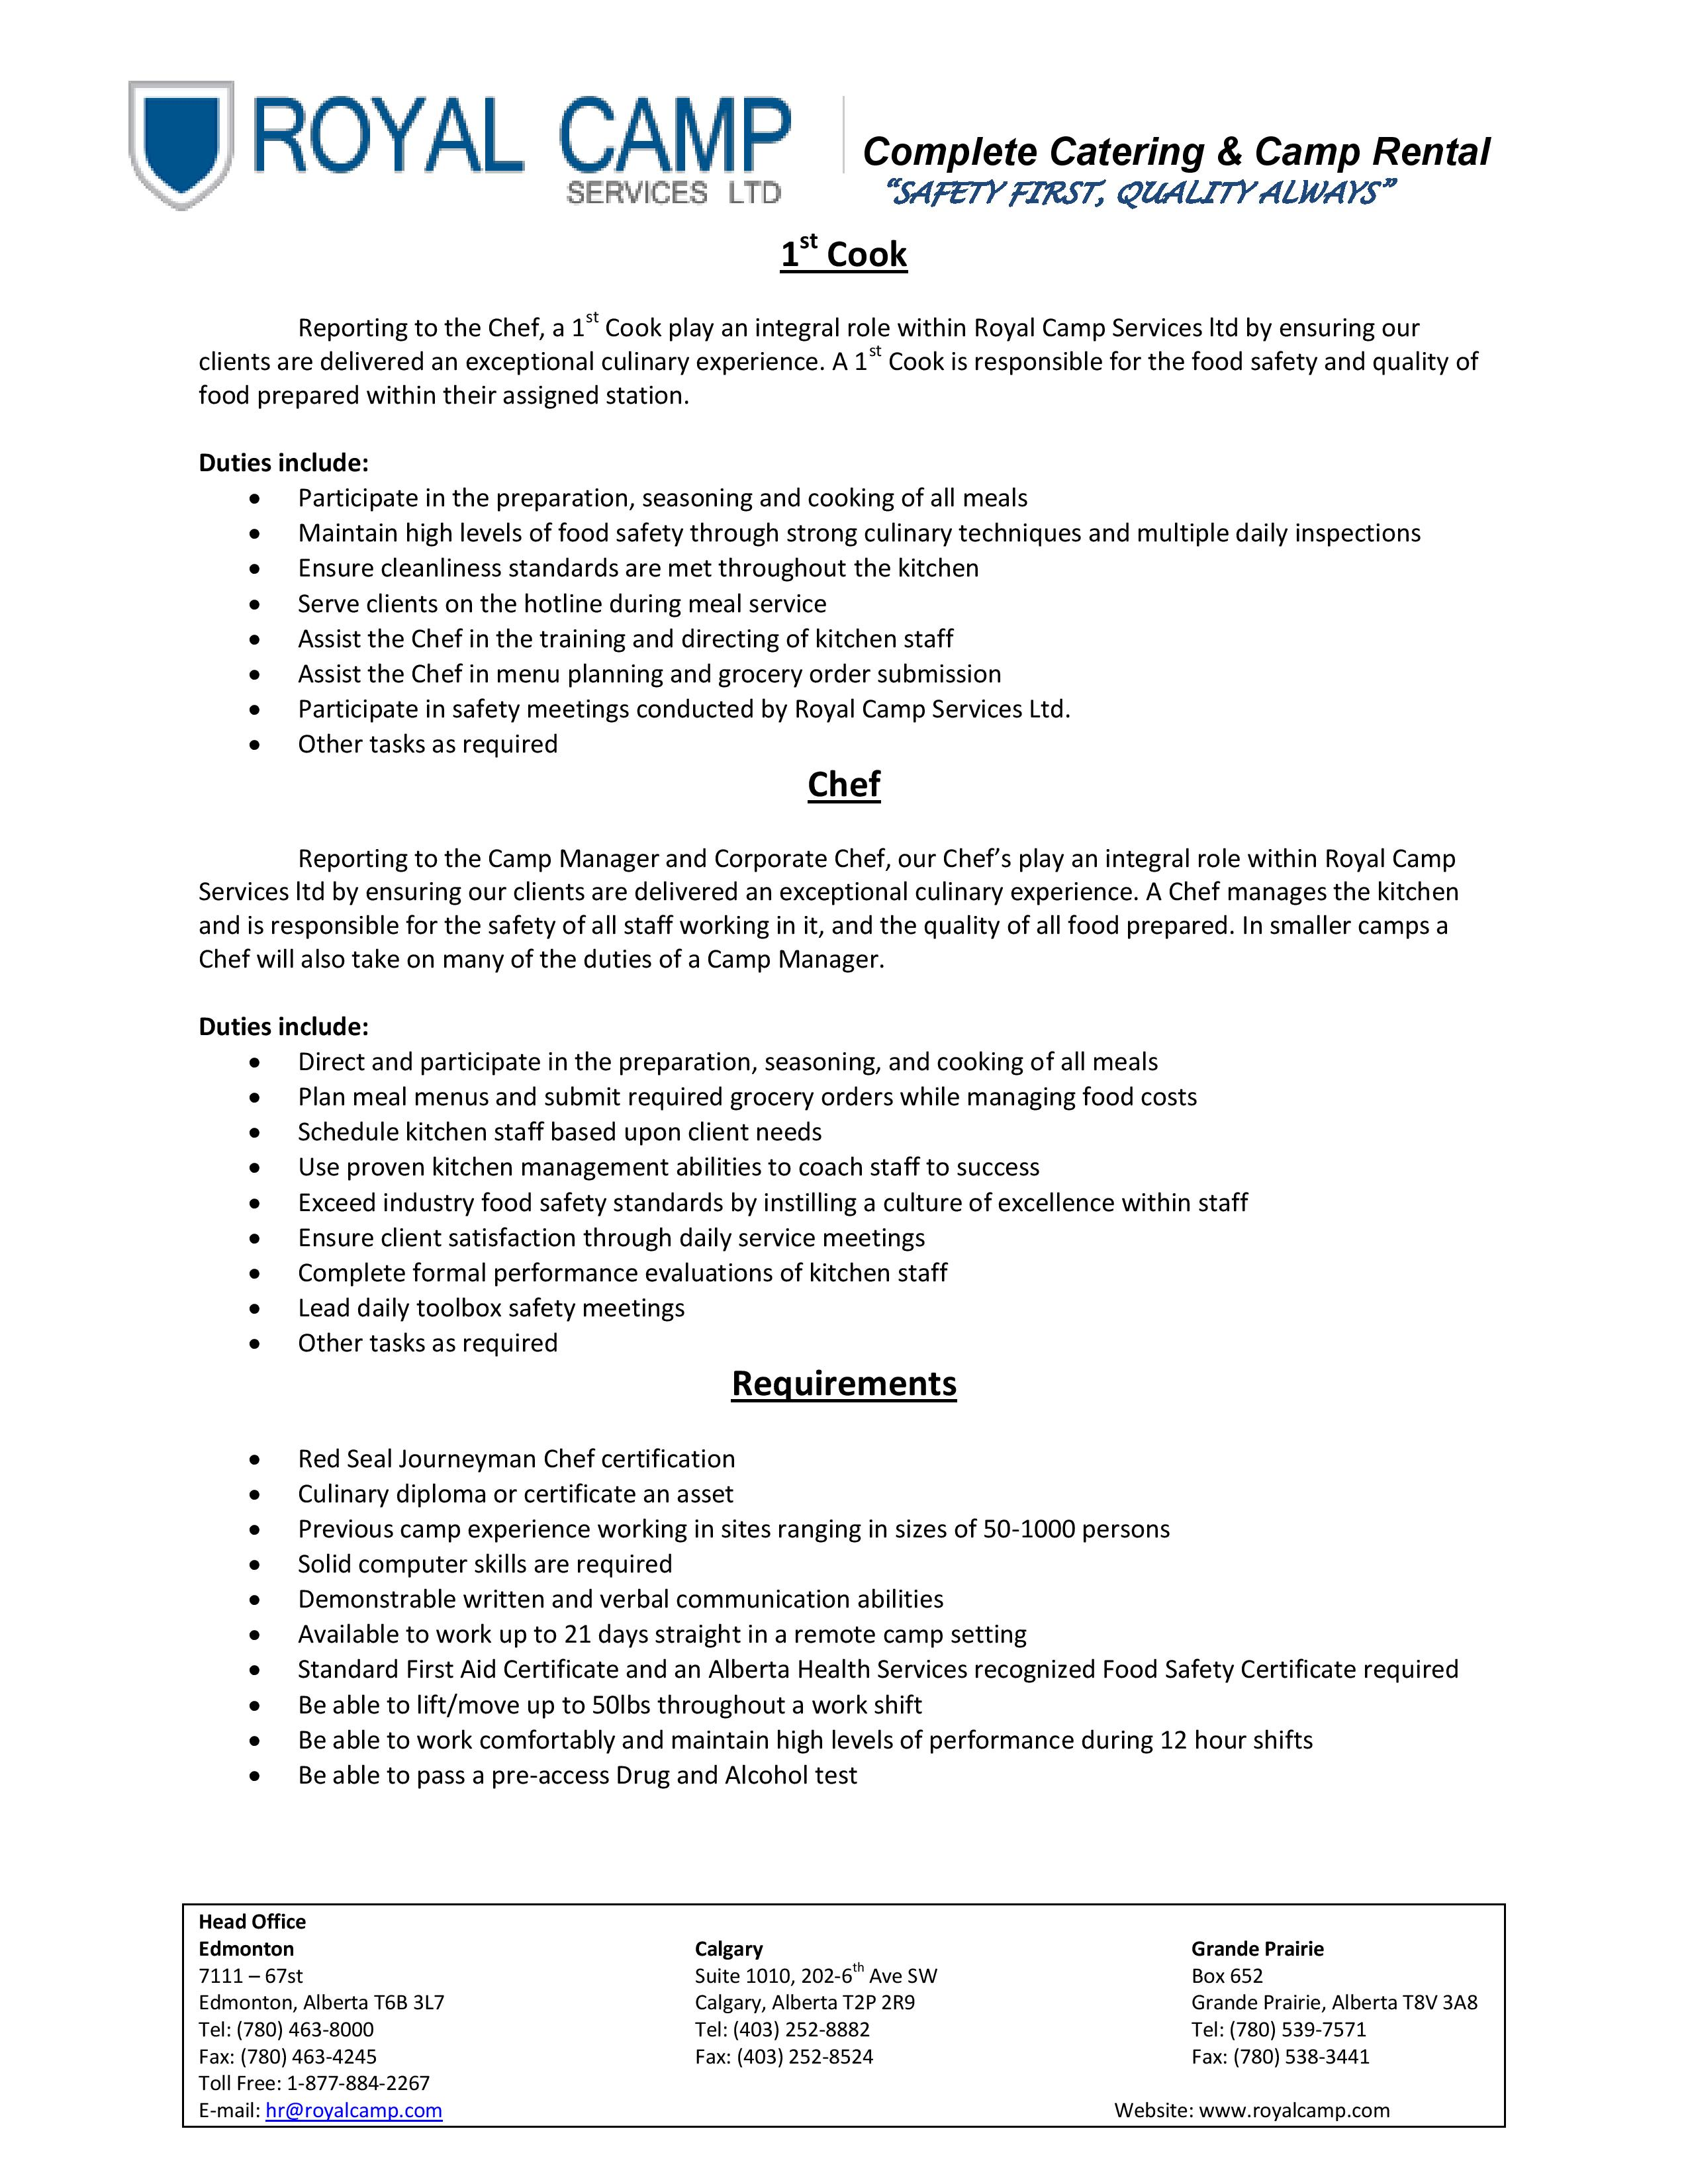 Job Fair Handouts - 1st-Chef-page-001